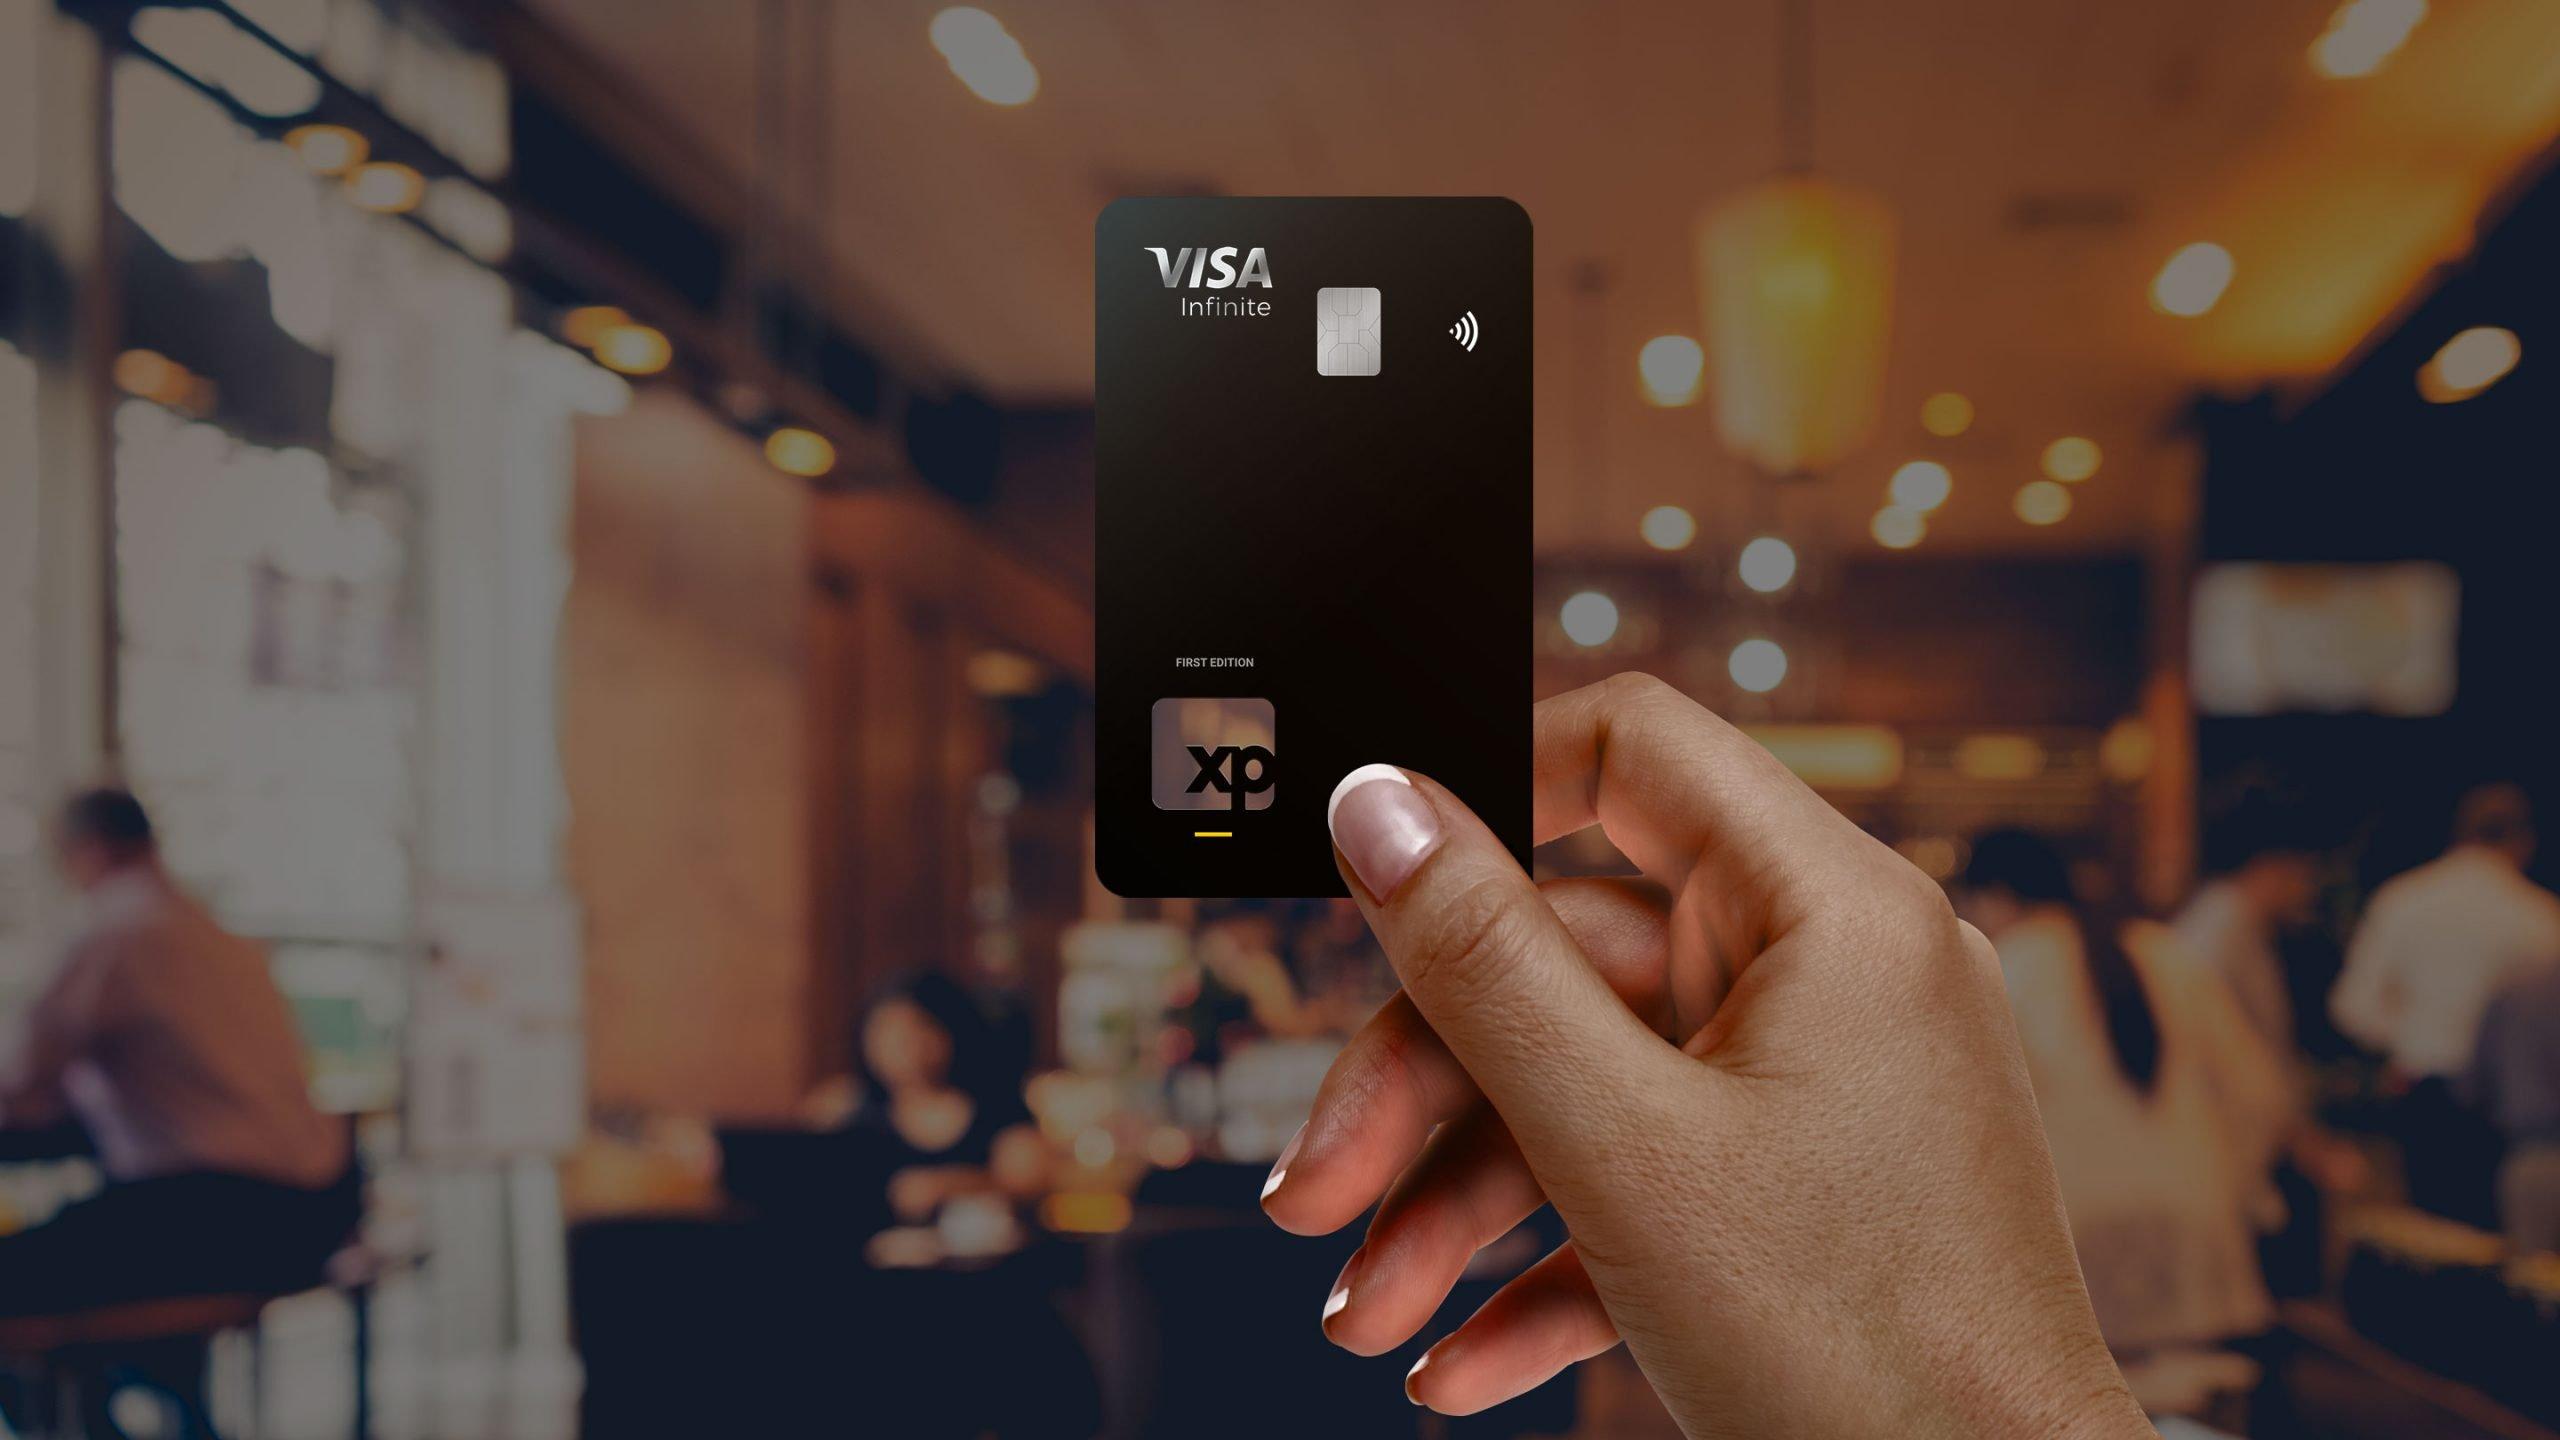 Cartão de crédito XP Internacional Visa: Como solicitar utilizando seu celular e começar investir